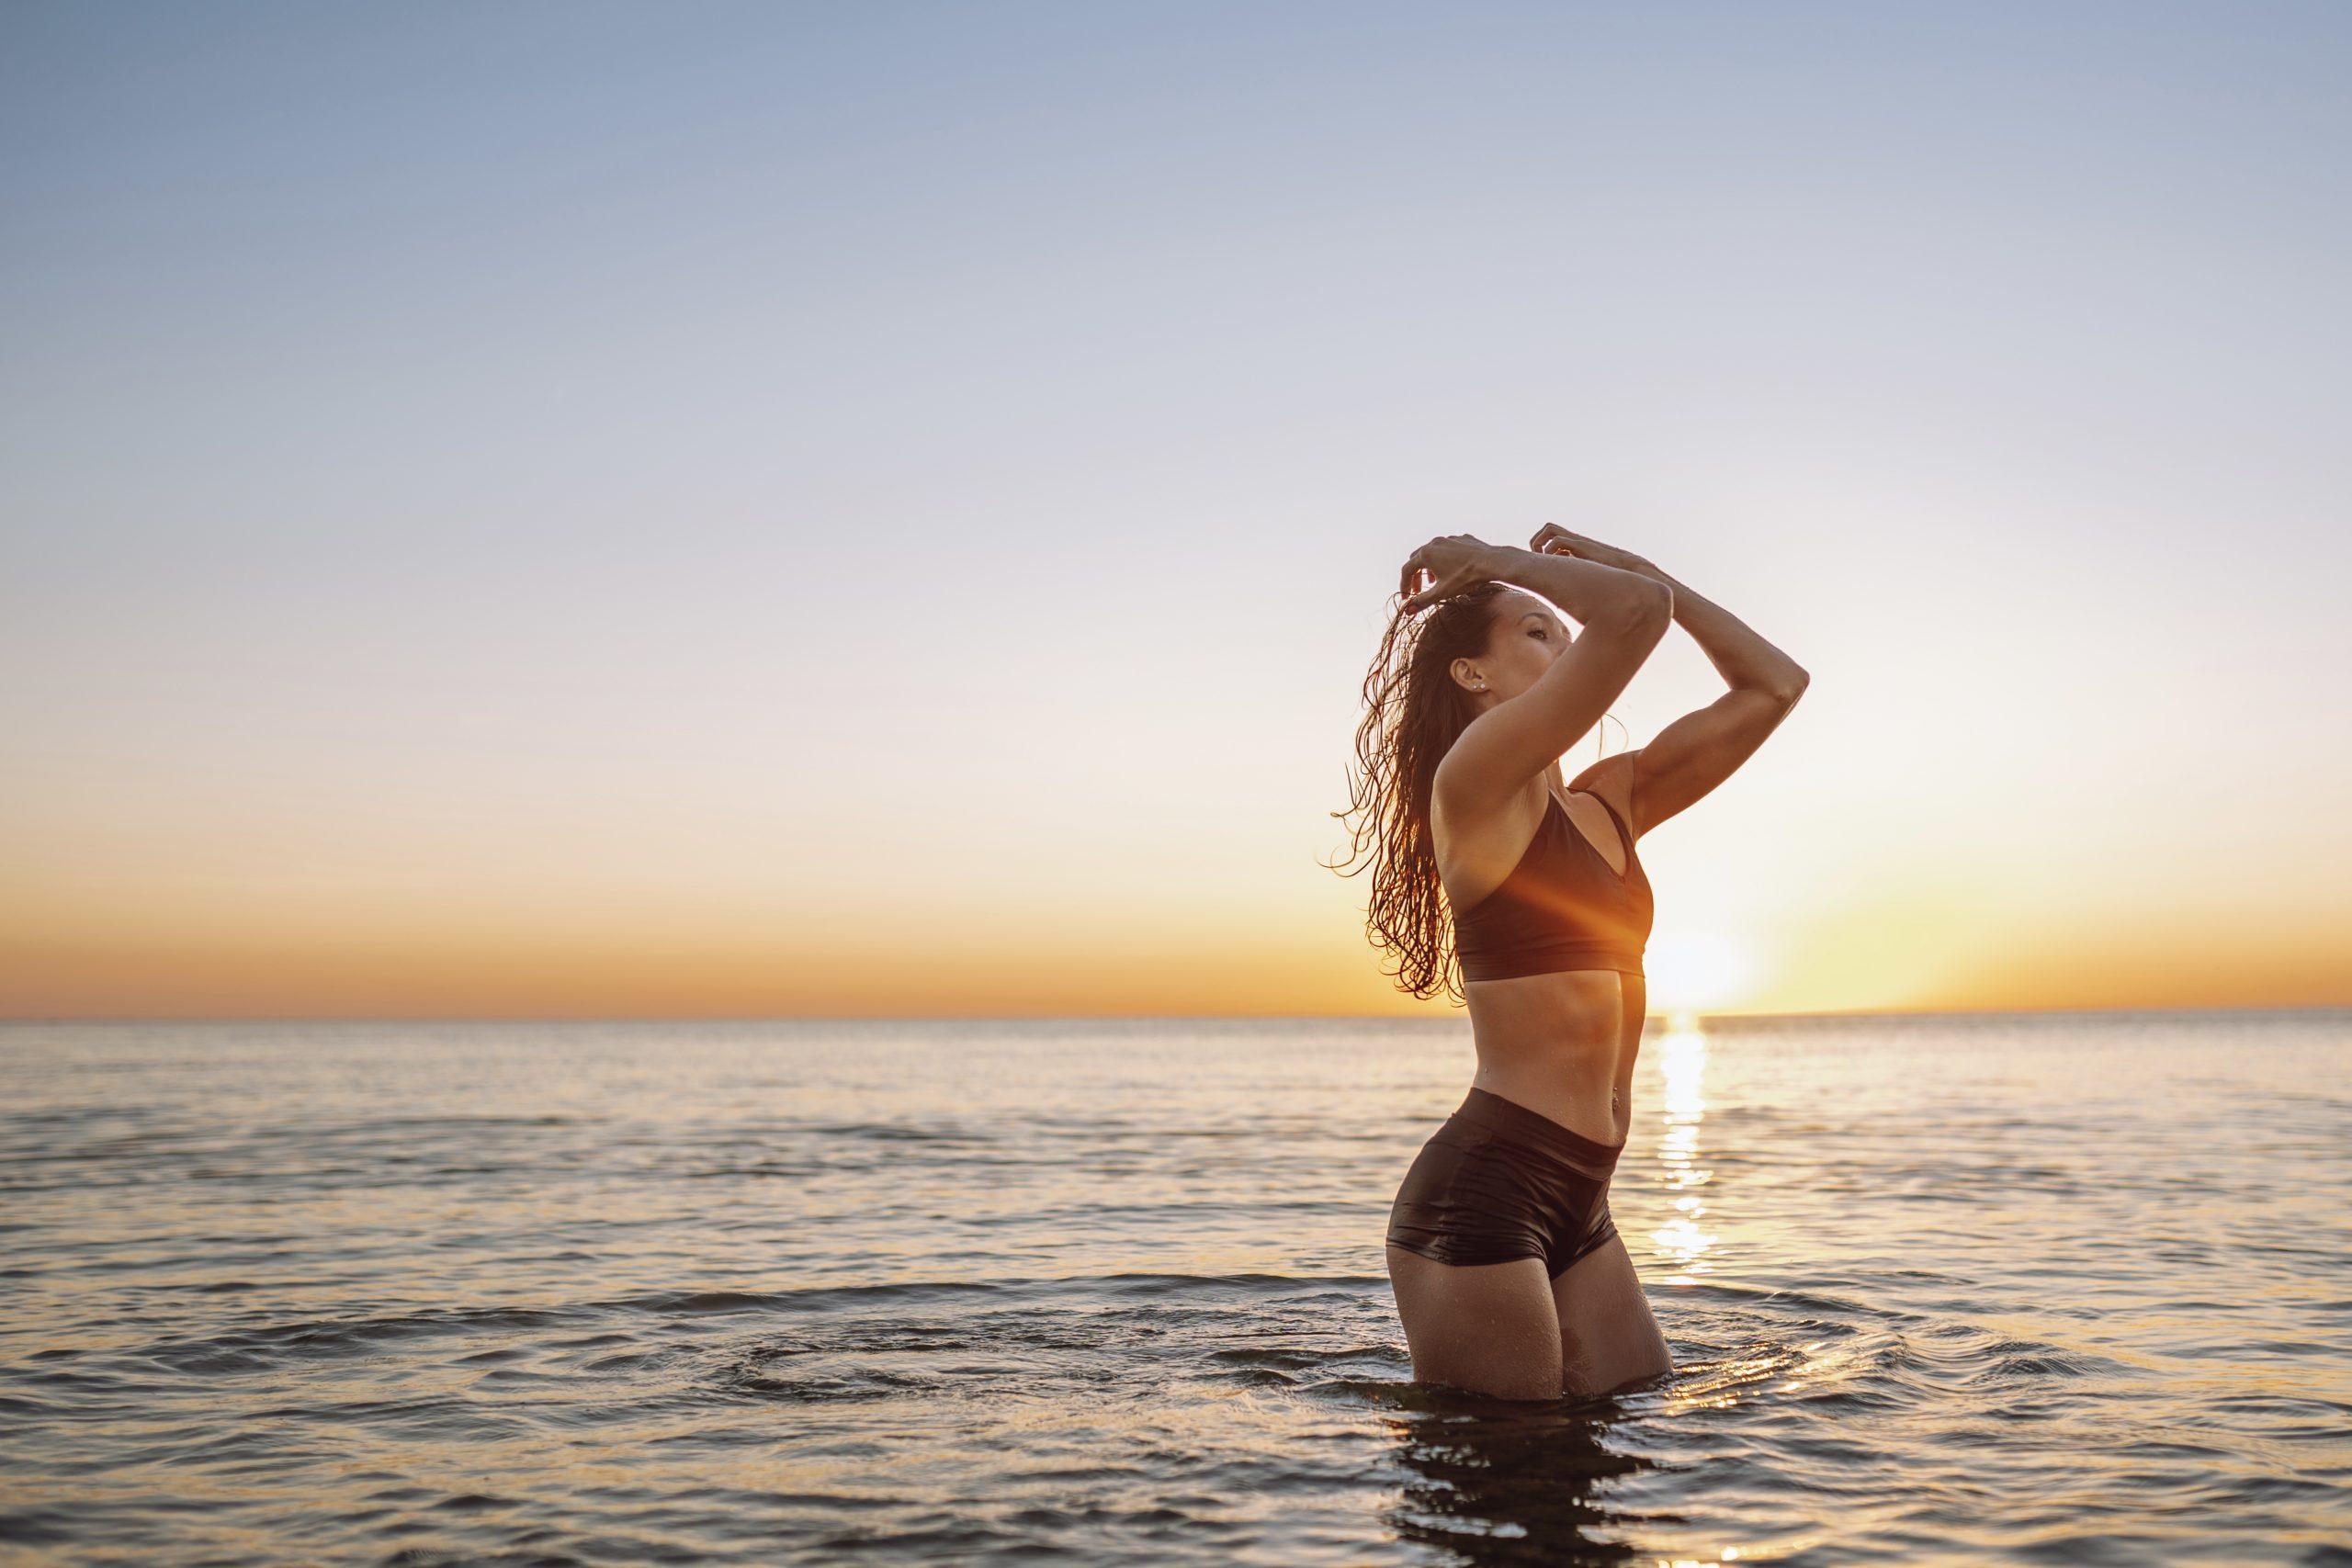 Mujer sana que se sometió a un masaje de drenaje linfático para reducir la hinchazón tras una liposucción